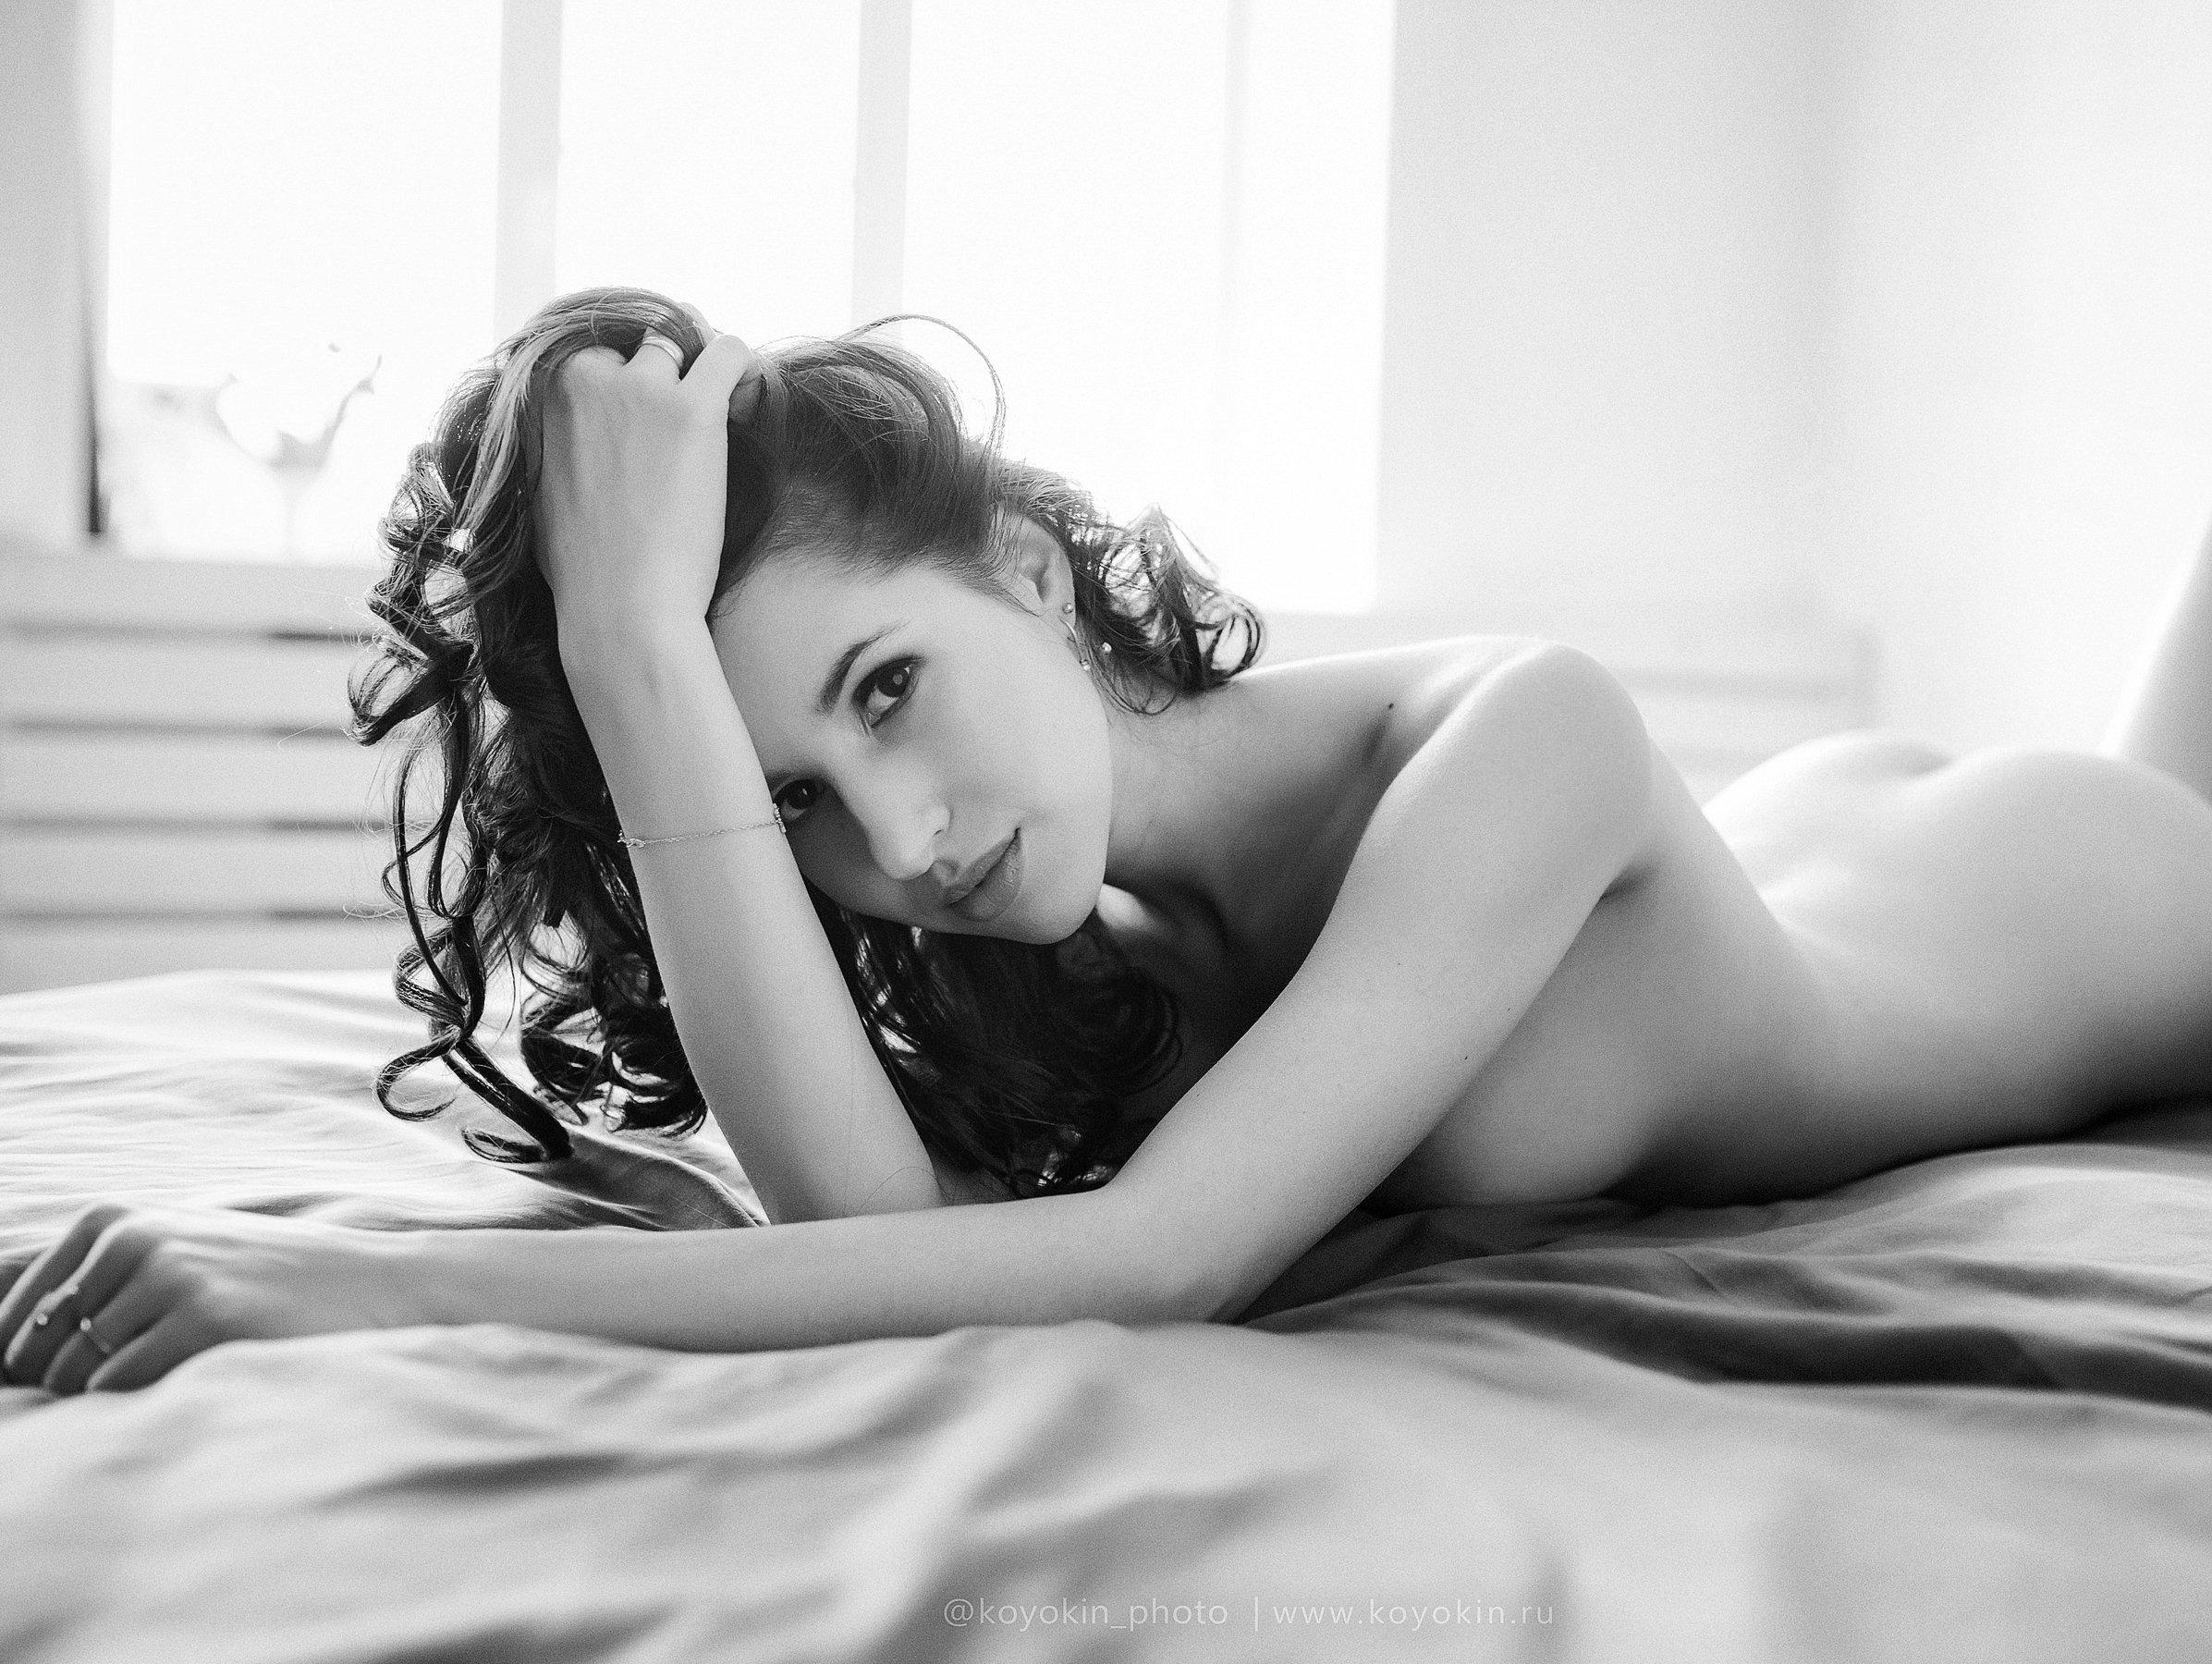 ню, фотосессия, эротика, арт-ню, nude, bnw, Коёкин Константин